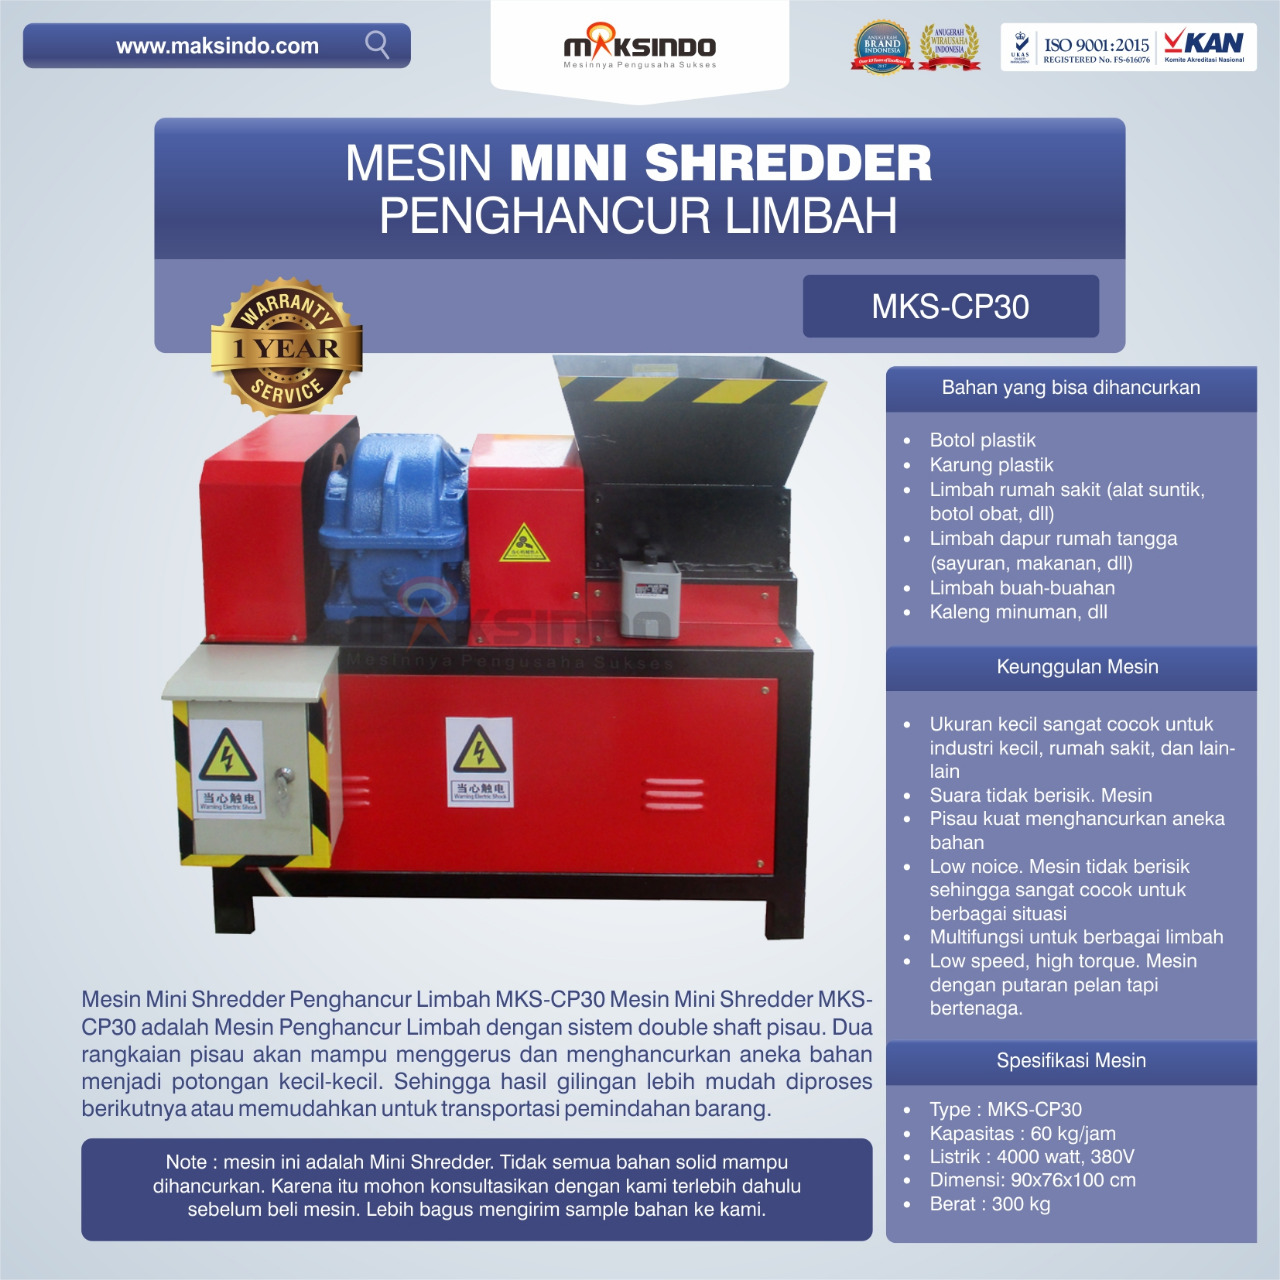 Jual Mesin Penghancur Plastik MKS-CP30 di Blitar